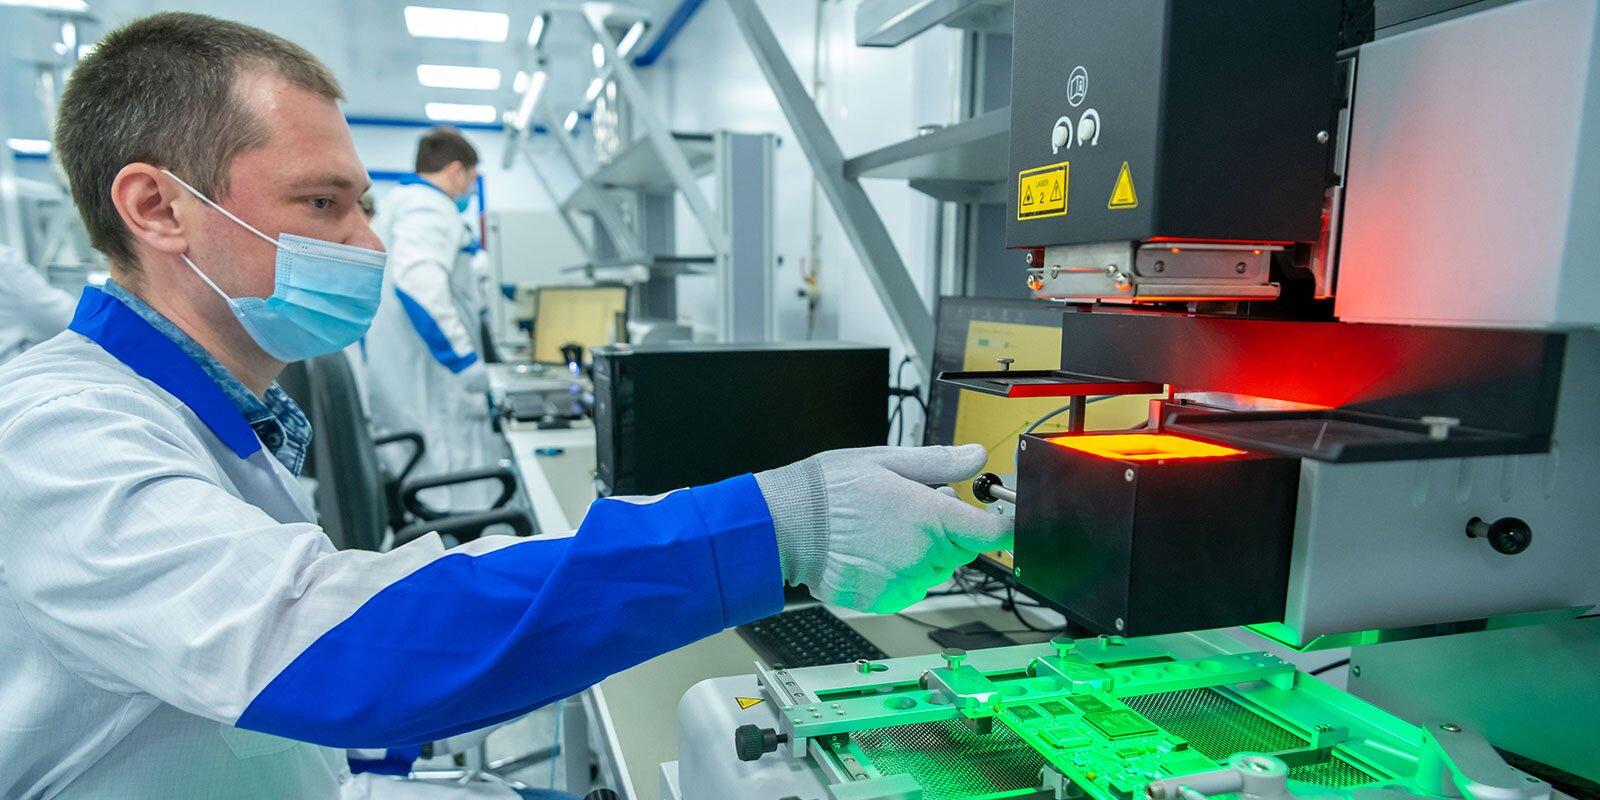 Сергей Собянин: Мощностями лаборатории технопарка «Модуль» могут воспользоваться любые компании сферы искусственного интеллекта